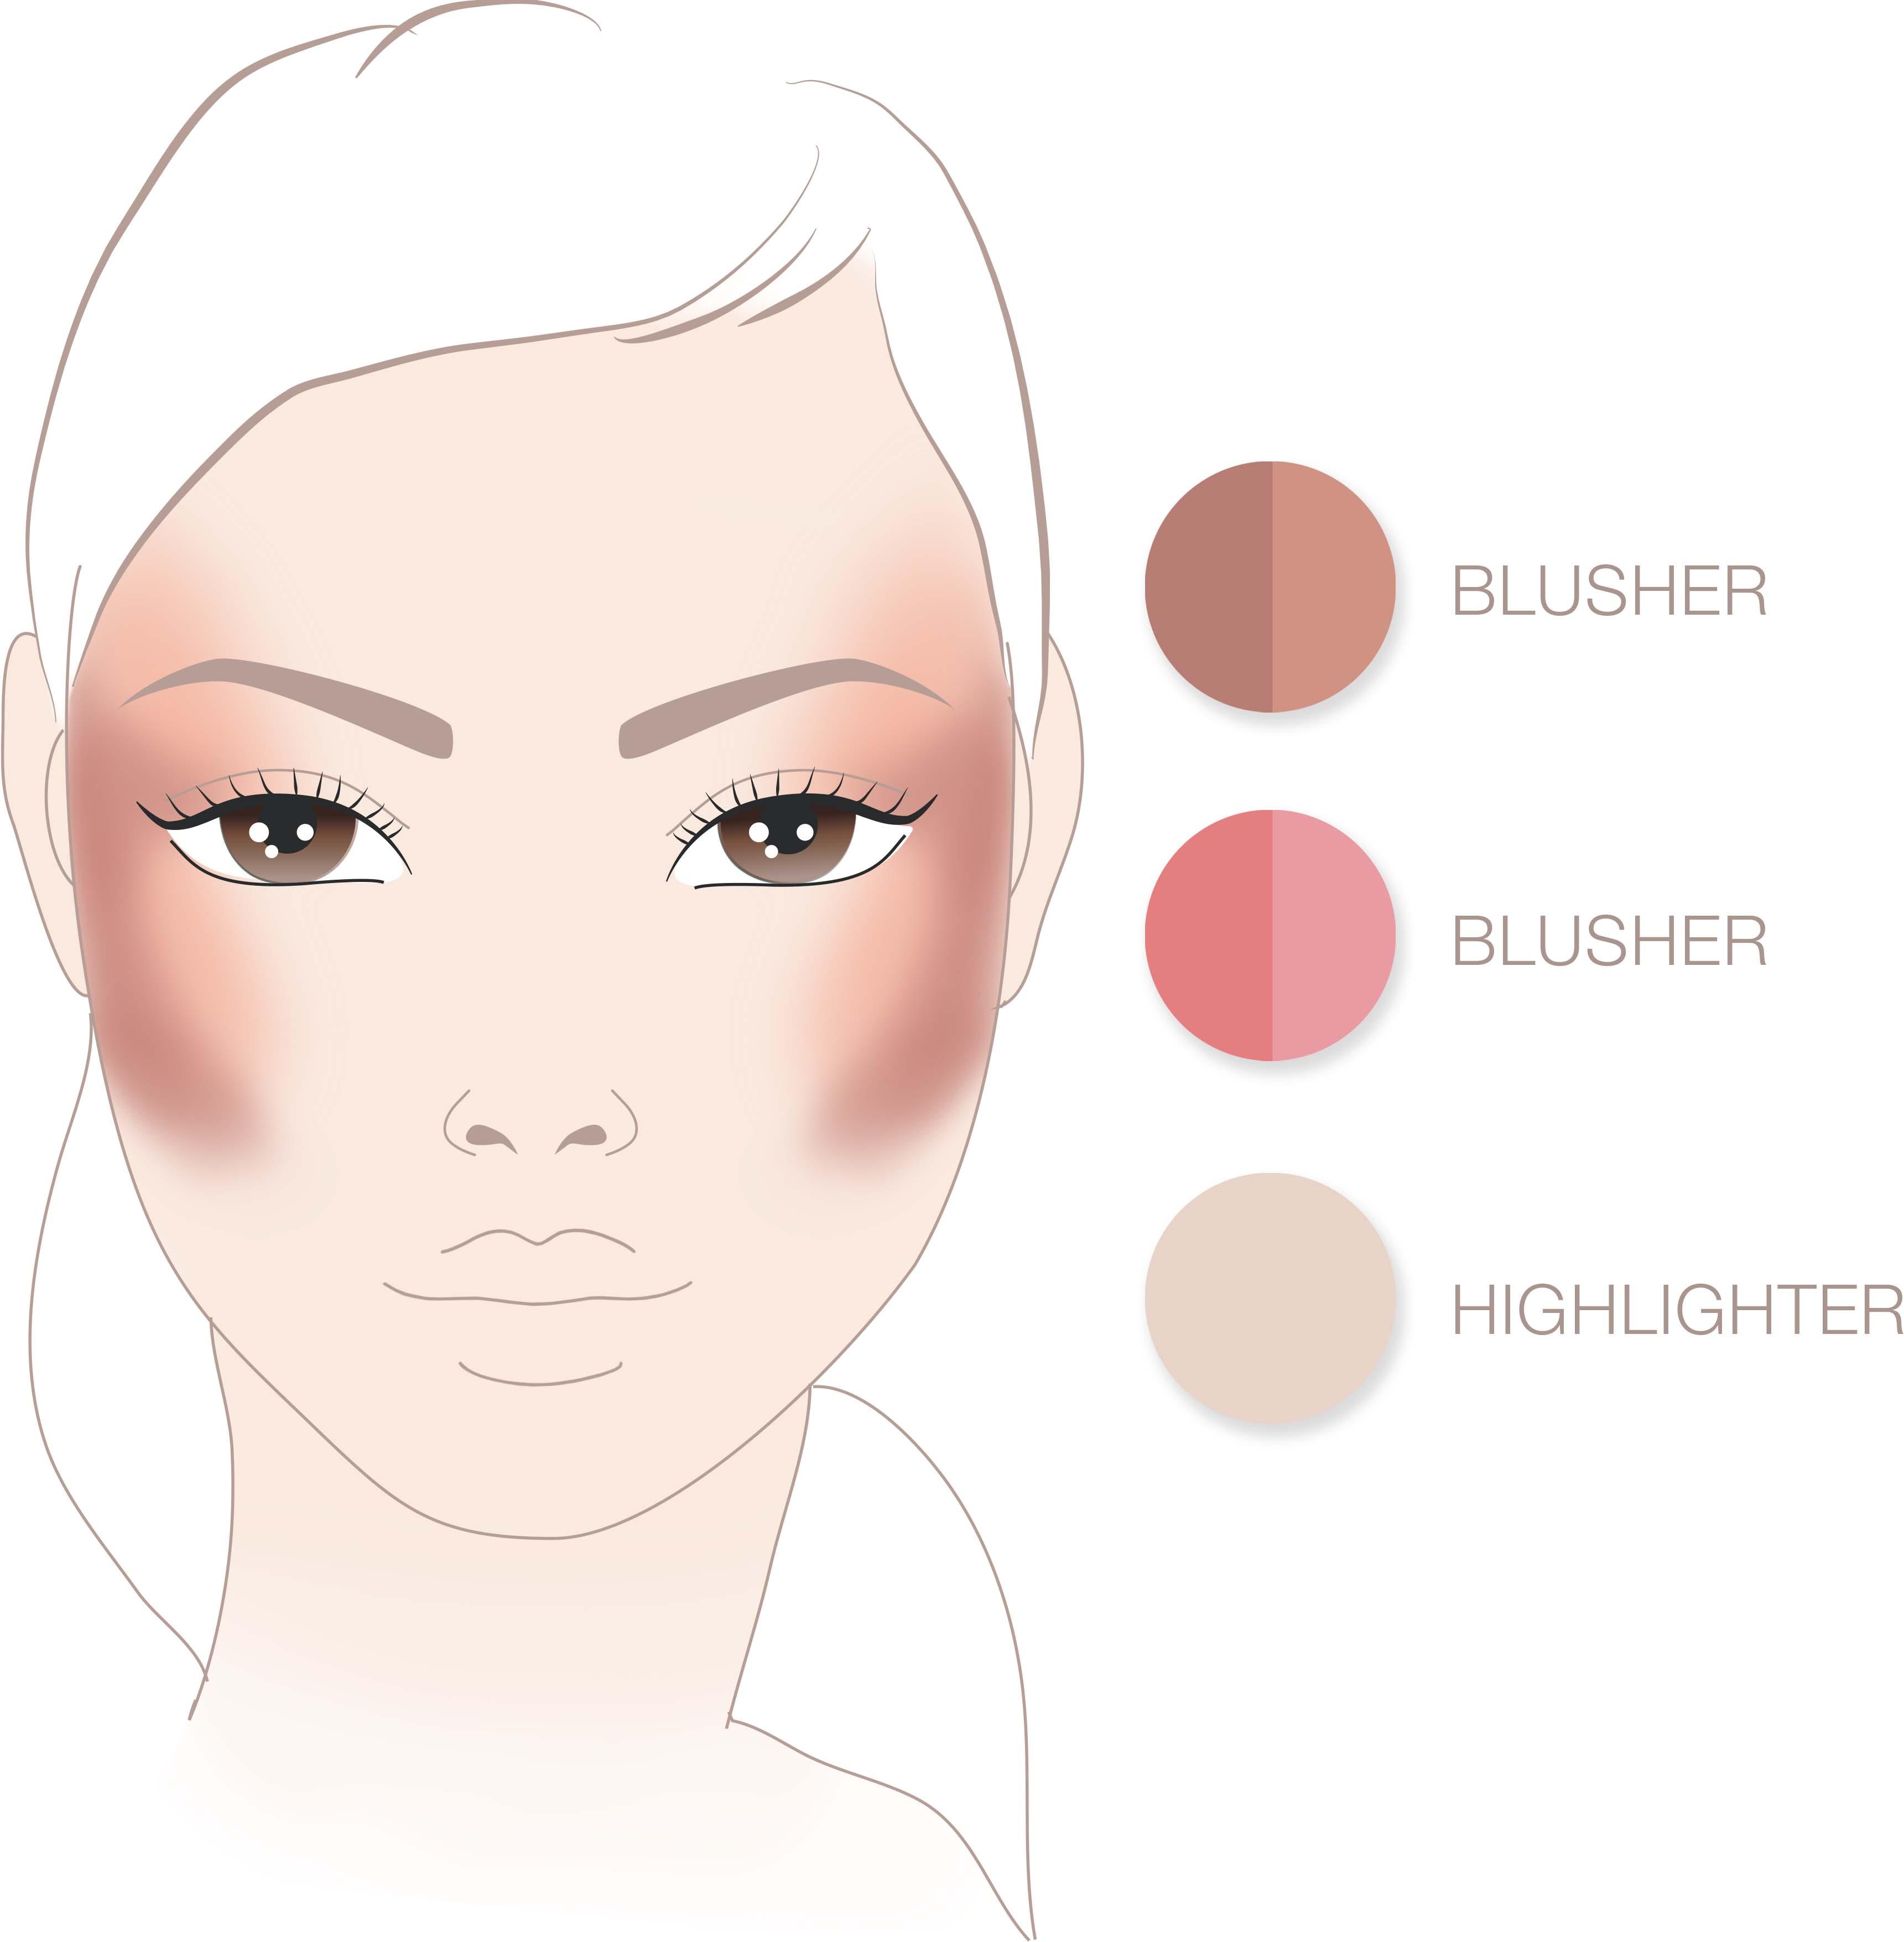 isadora-blush--glow55-peachy-rose-pop-1152-529-0000_2.jpg